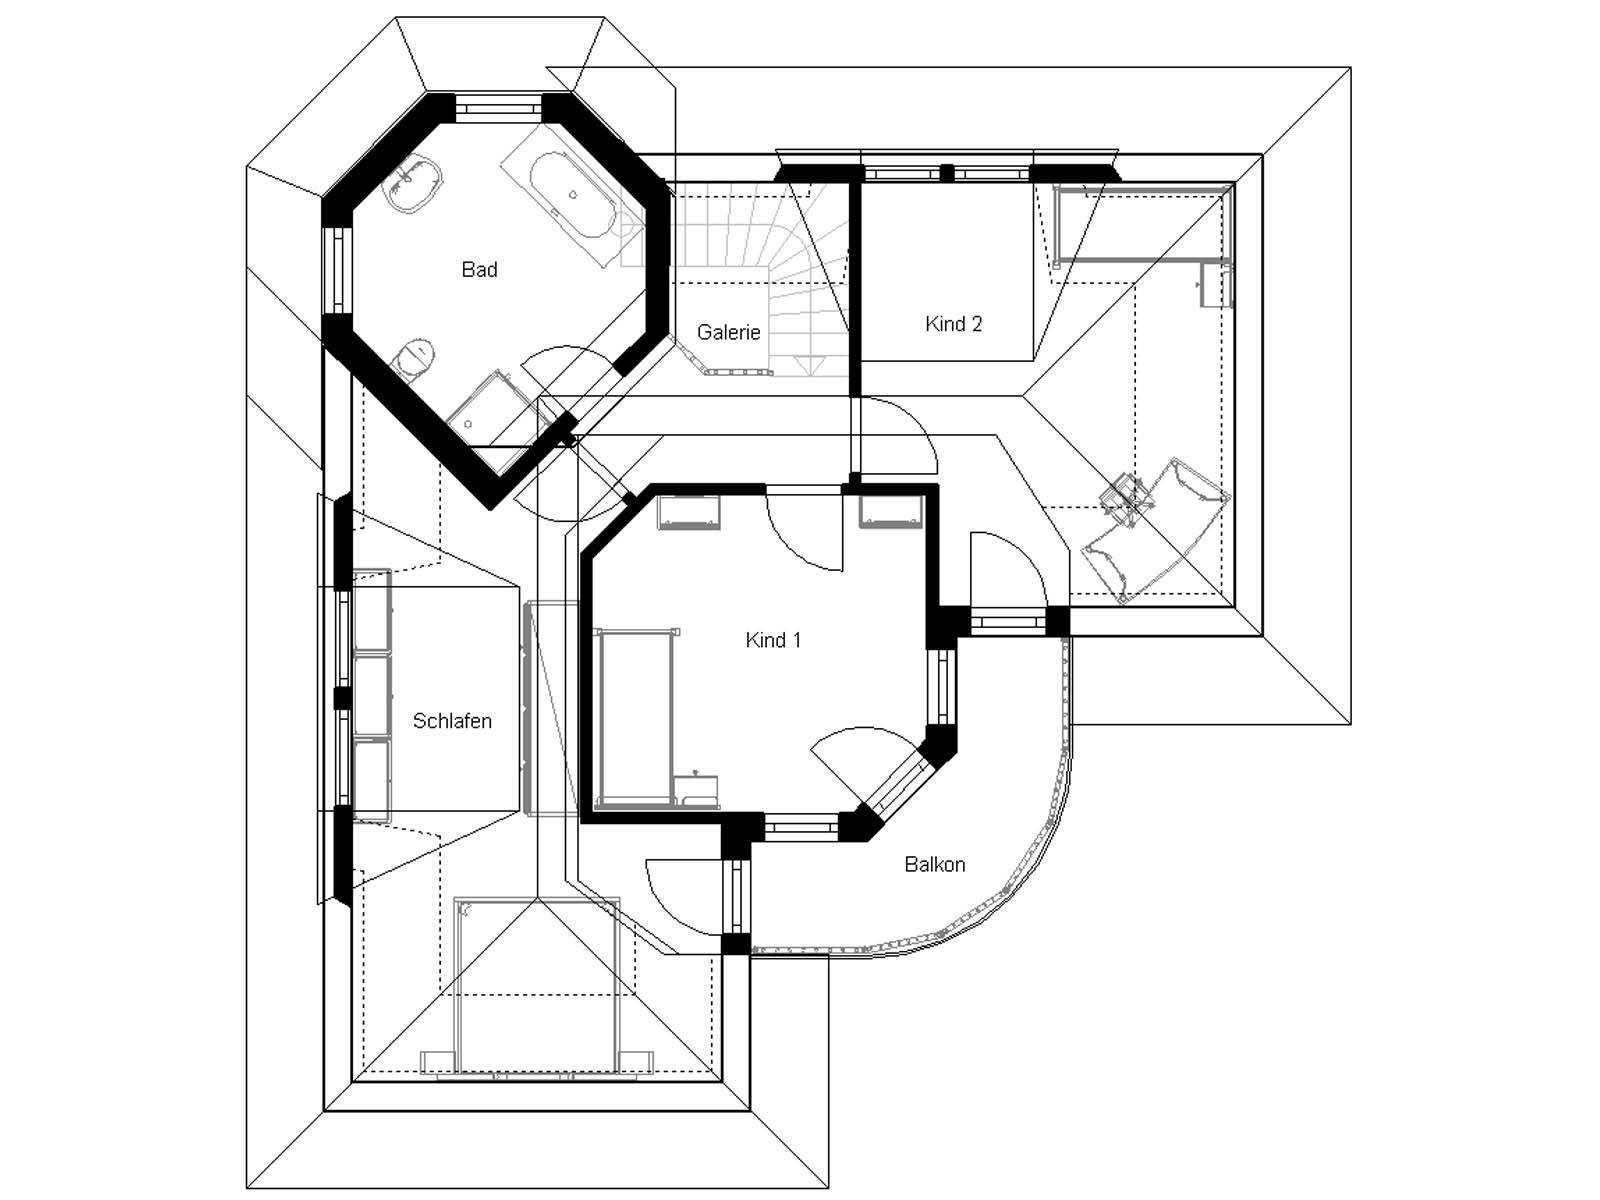 Villa bauen - Hausbeispiele mit Preisen und Grundrissen